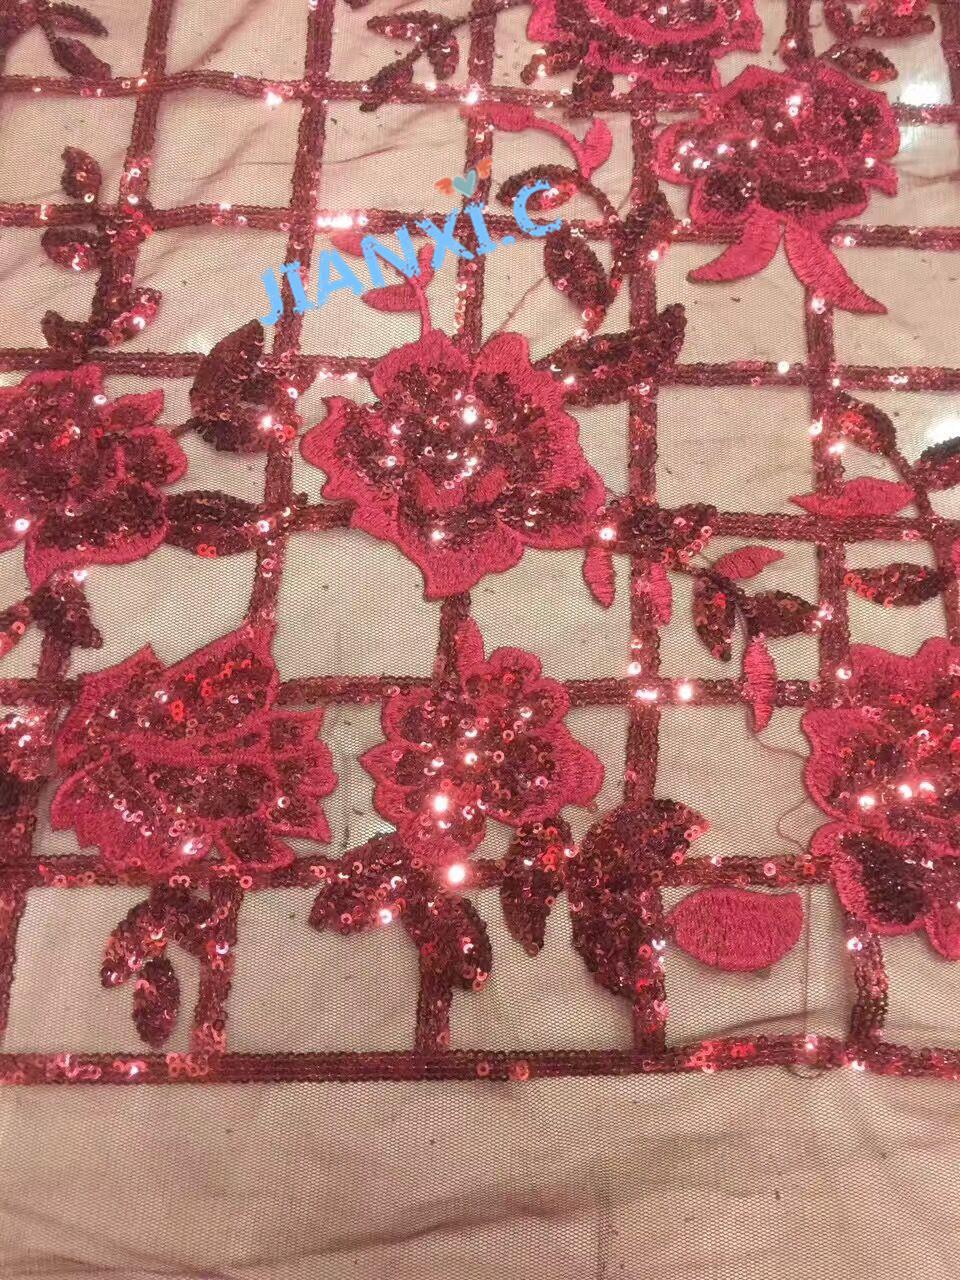 LJY venta caliente 5 yardas africano tela de encaje red Buena calidad de la flor 62017 con tela de encaje de tul francés lentejuelas